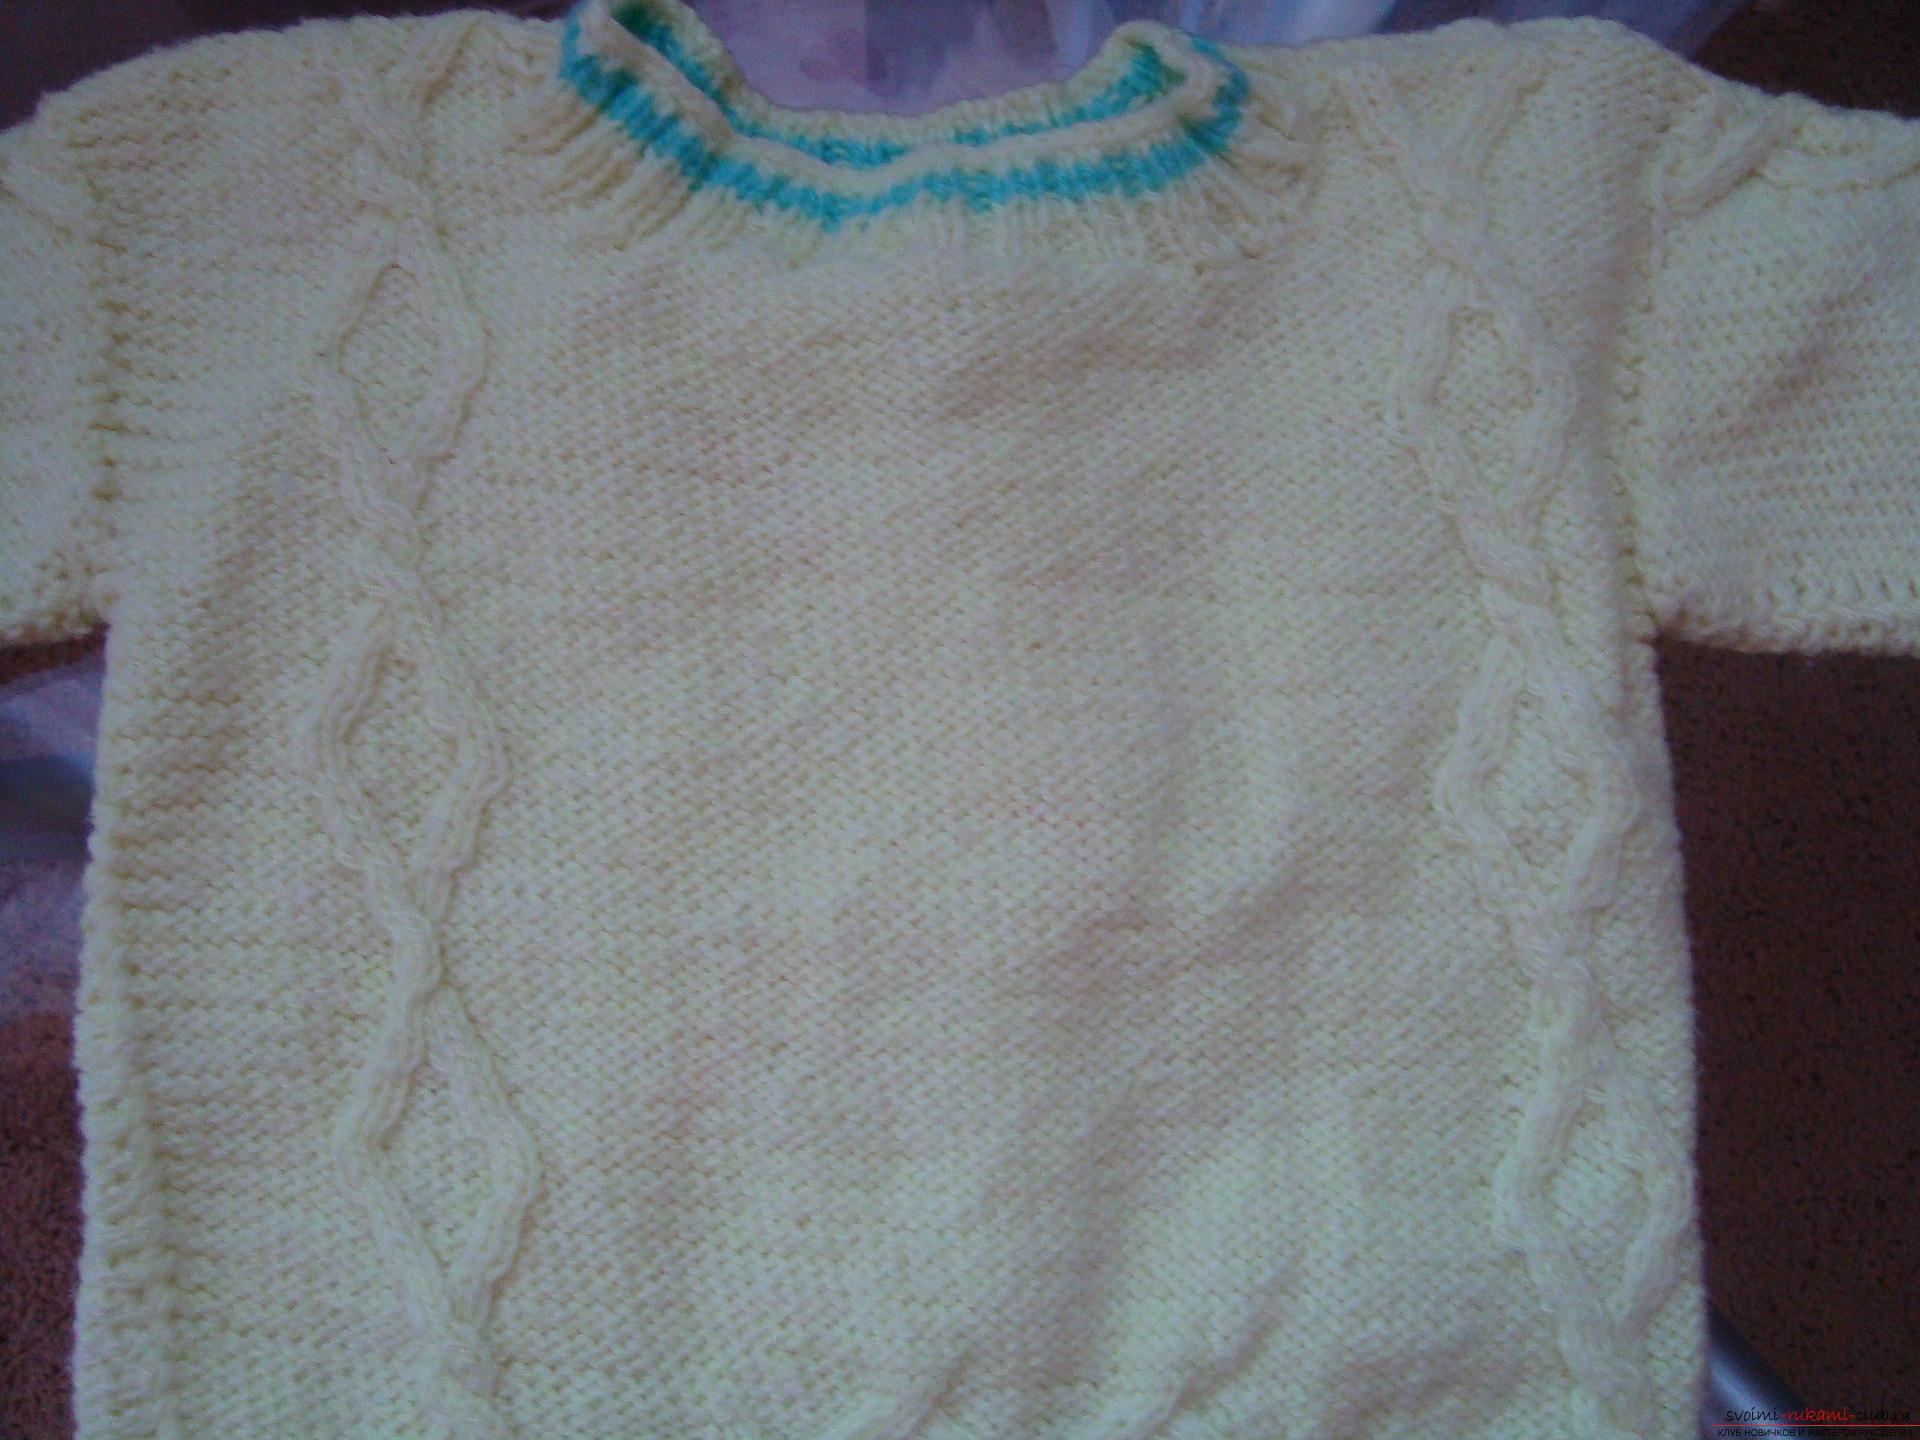 Пошаговая фото-инструкция по вязанию детского свитера на спицах. Фото №7